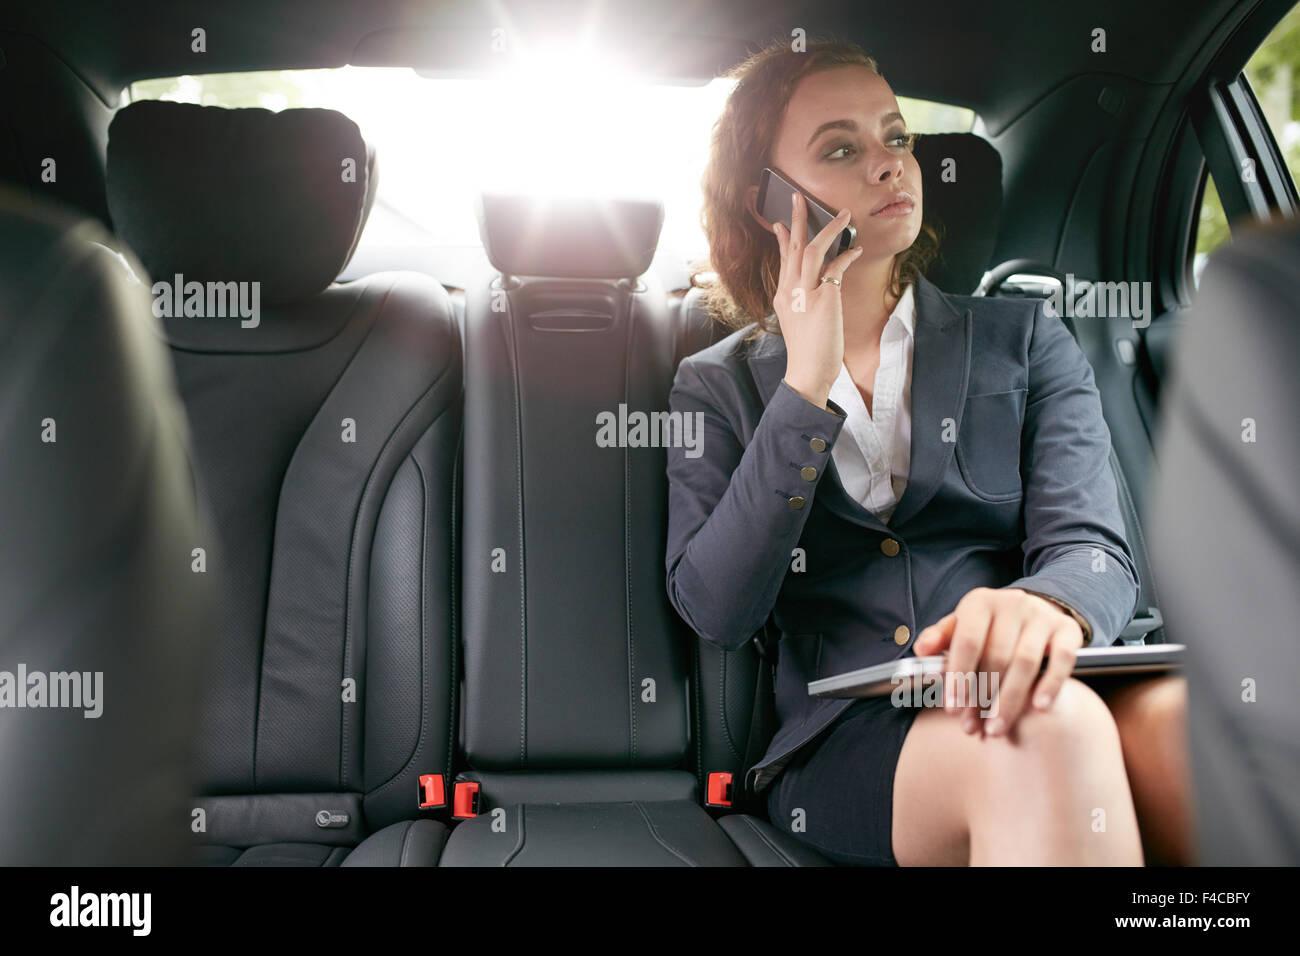 Imprenditrice con telefono cellulare sul sedile posteriore di un'auto. Femmina di associare una telefonata mentre Immagini Stock